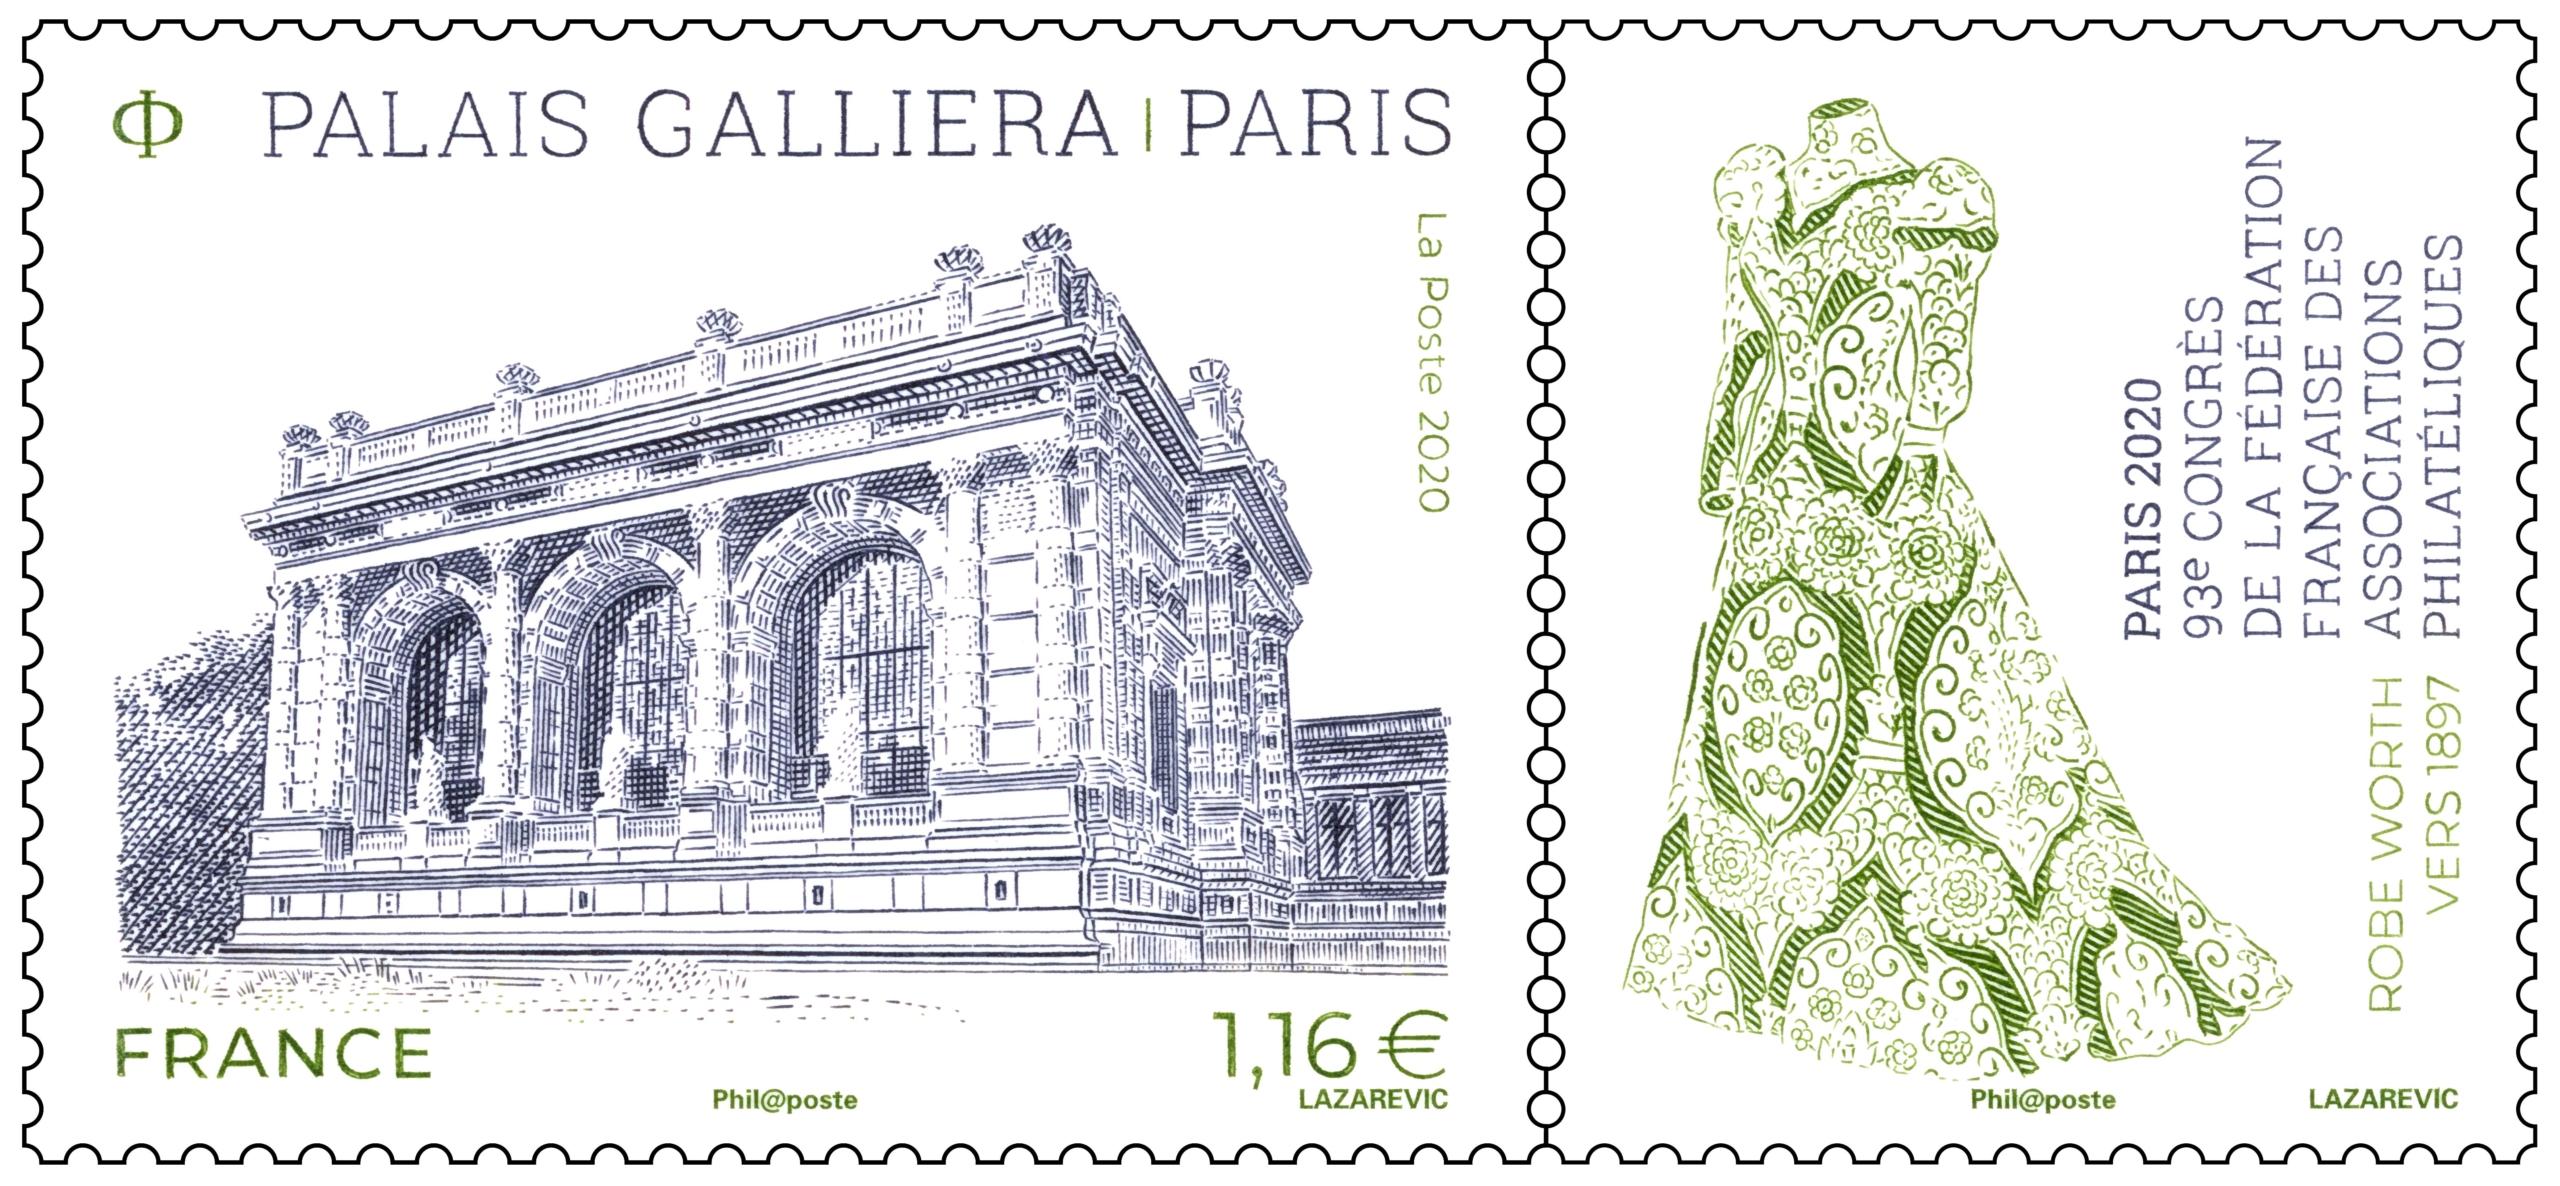 Palais Galliera Paris - 93e Congrès de la FFAP